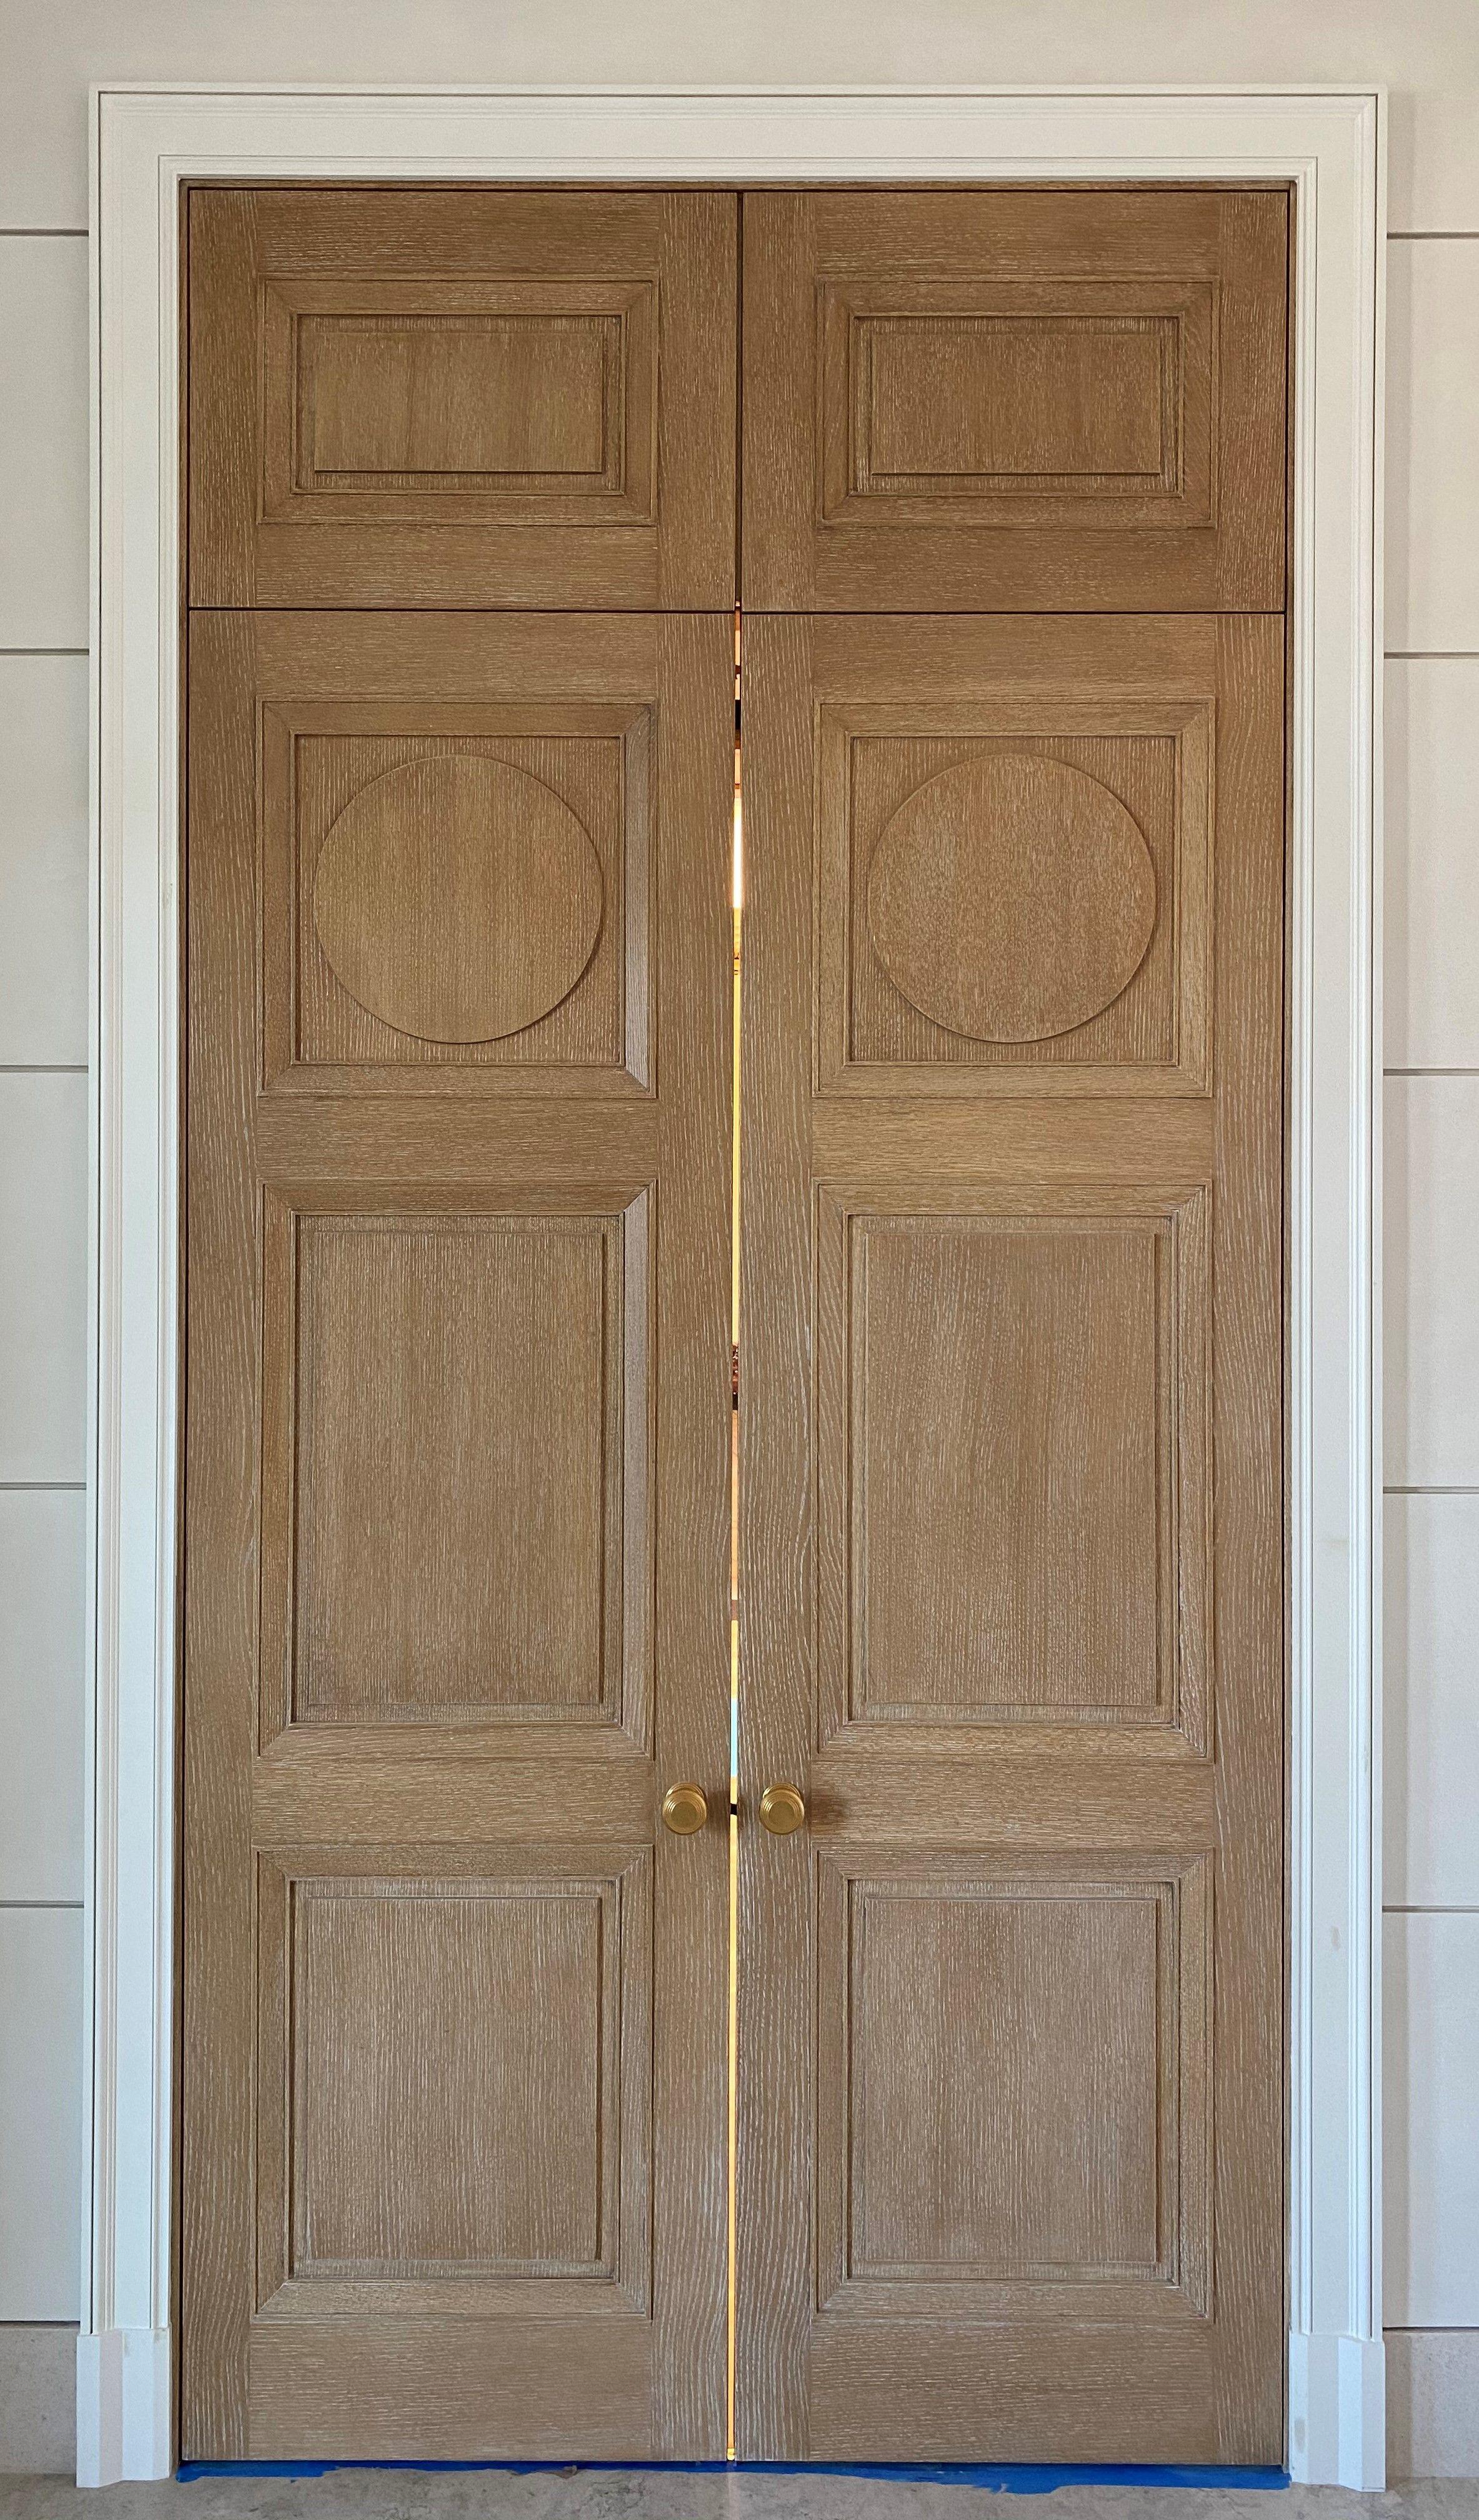 Custom White Oak Panel Door With Transom And Brass Hardware Bmc Design Ultra Team In 2020 Oak Interior Doors Oak Doors Doors